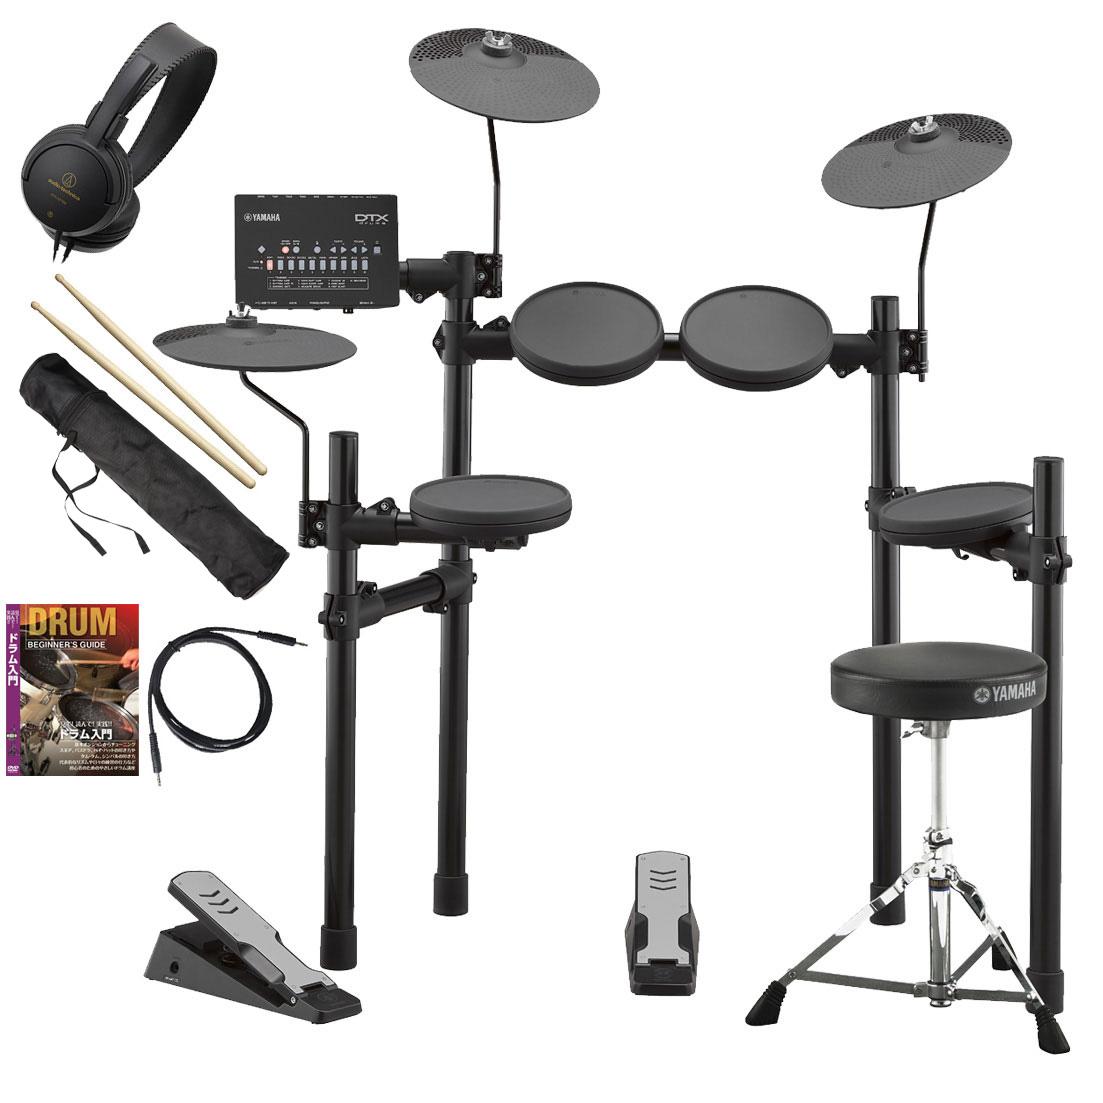 YAMAHA / DTX402KS 電子ドラム オリジナルスターターパック【YRK】